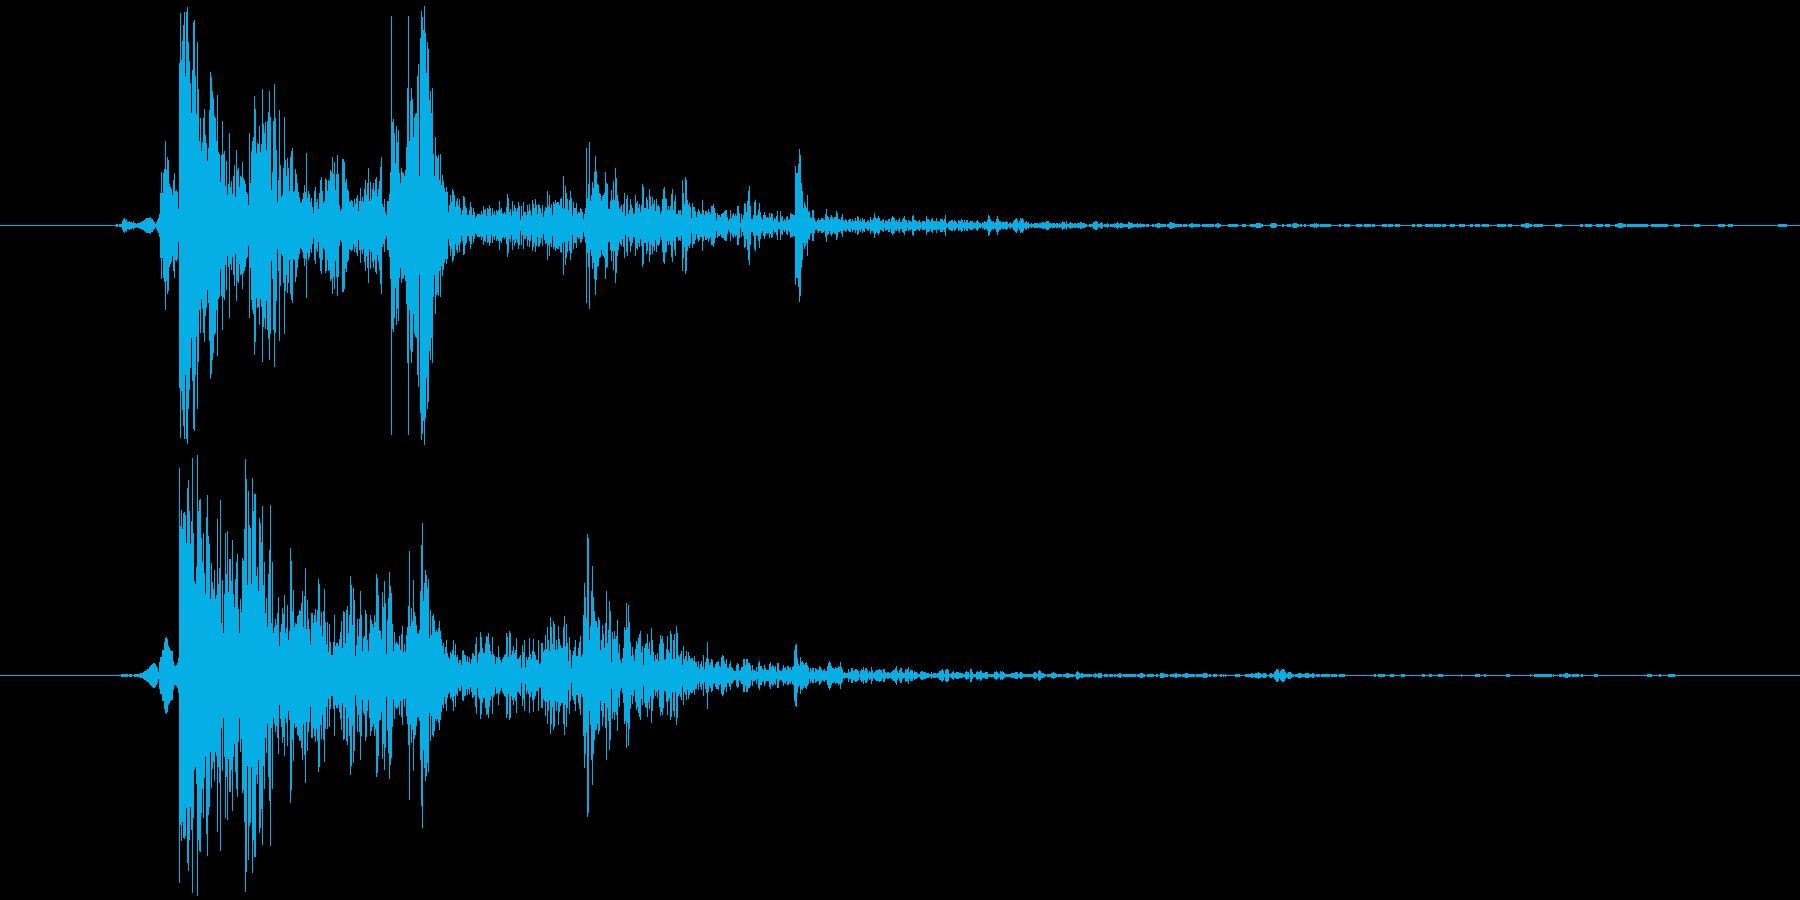 【銃/サバゲー/FPS/AK/ドン】の再生済みの波形